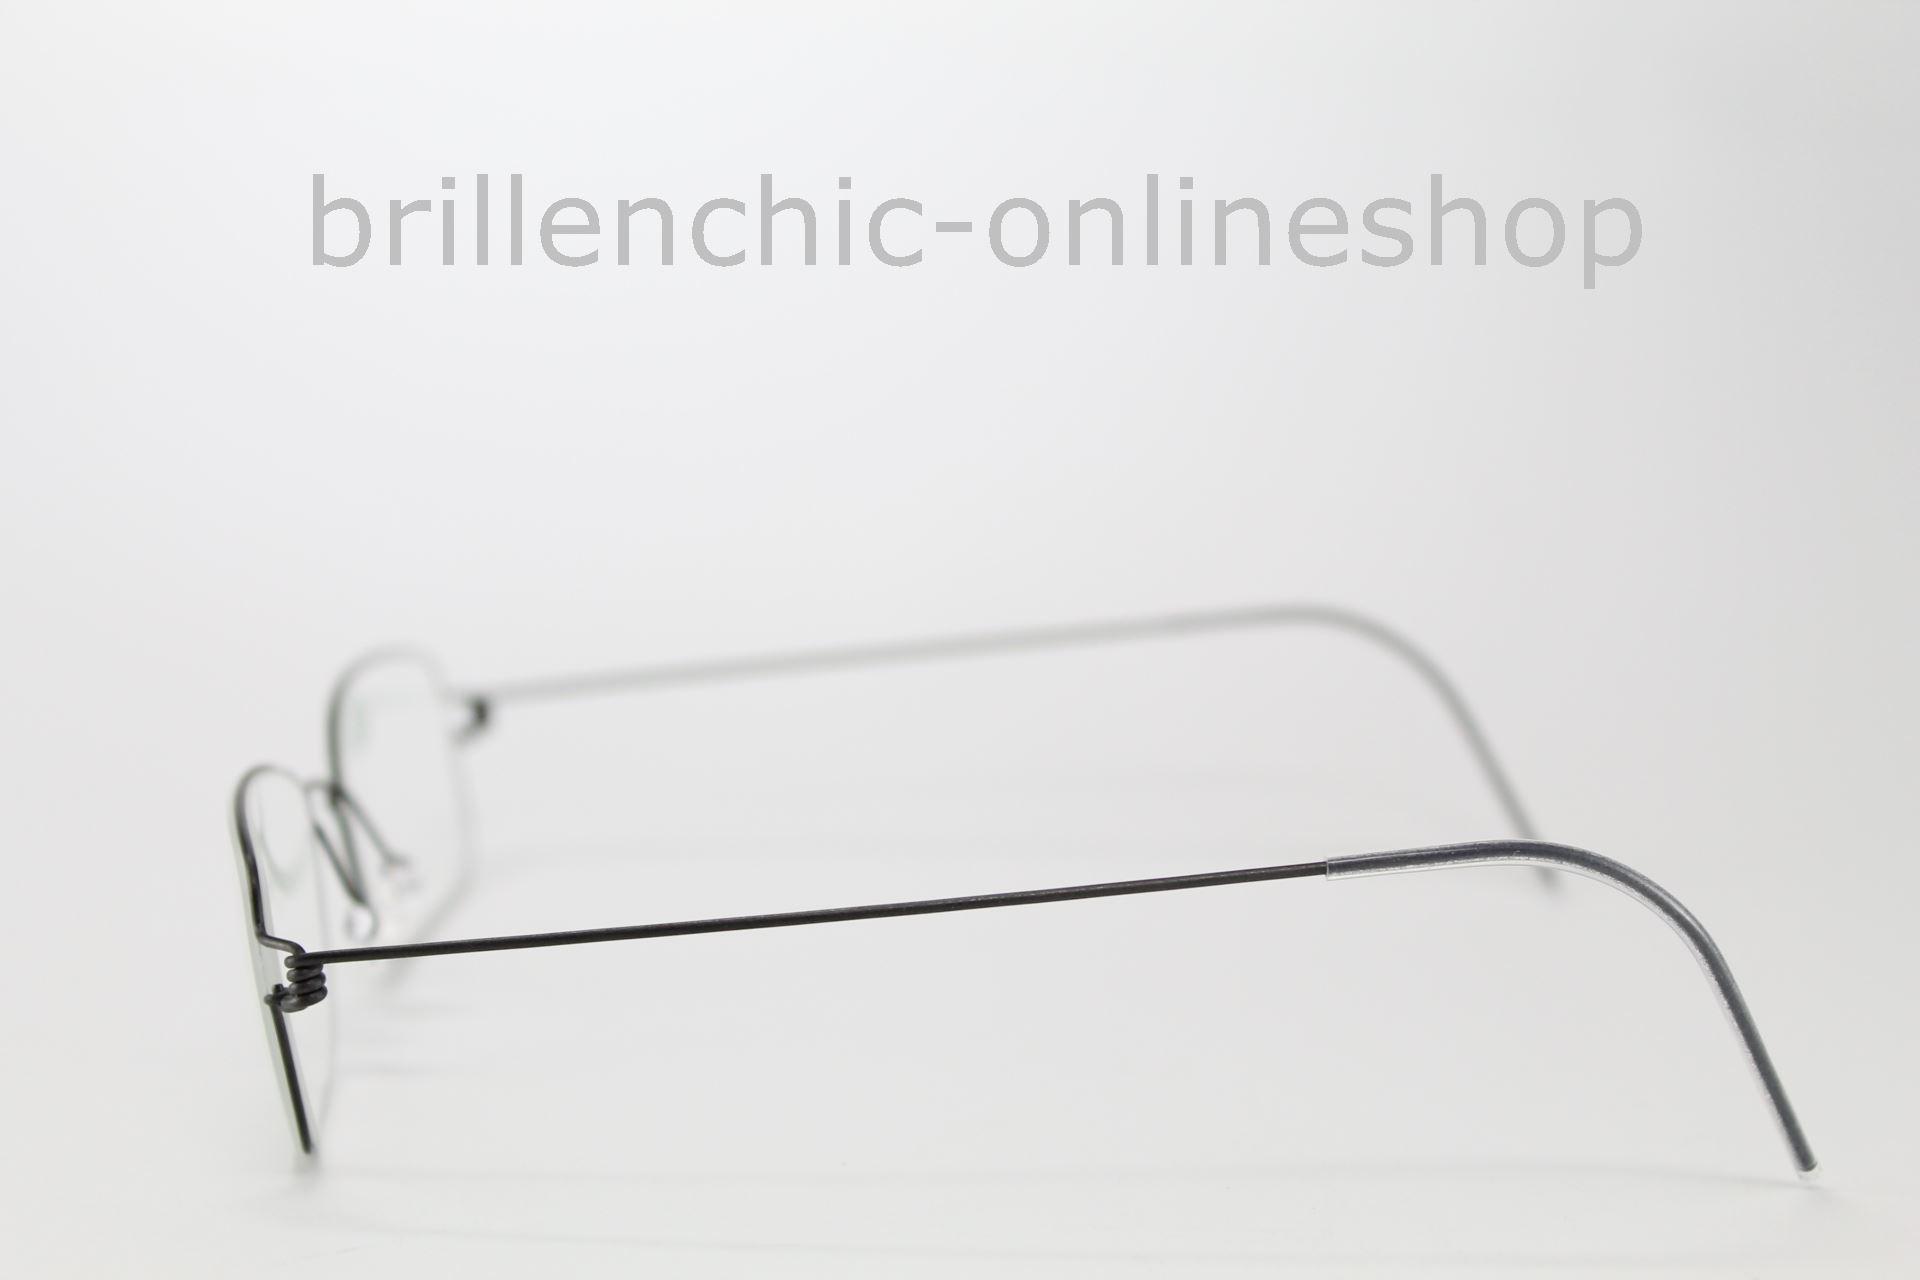 fac2349121ac Brillenchic-onlineshop in Berlin - LINDBERG Rim Titanium ALVIS U9